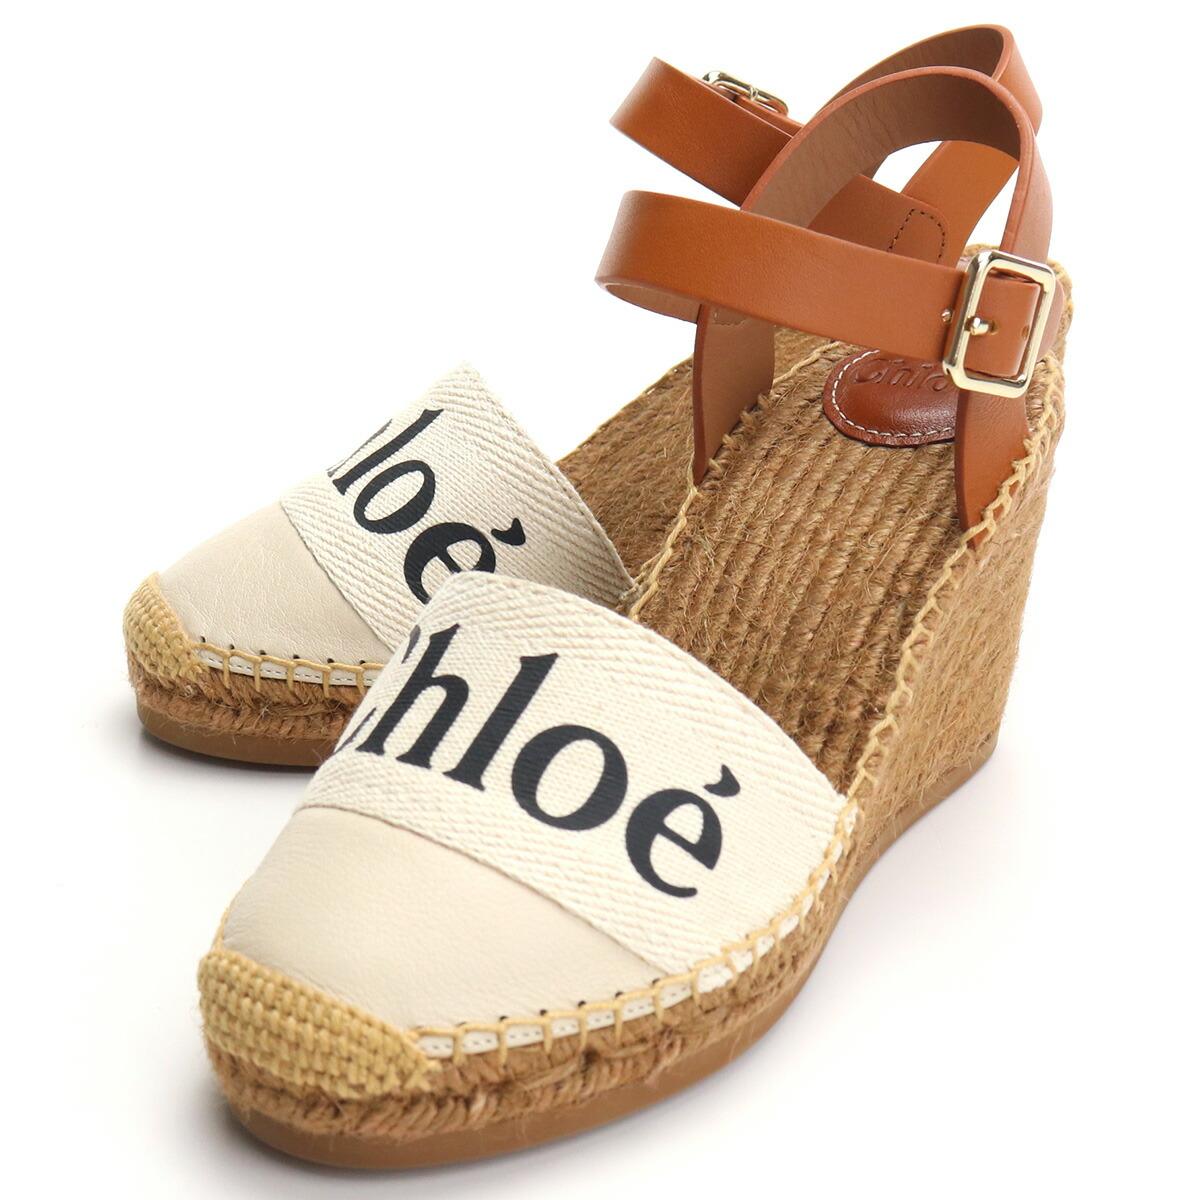 クロエ CHLOE サンダル CHC21U448R4 101 WHITE ホワイト系 shoes-01 レディース